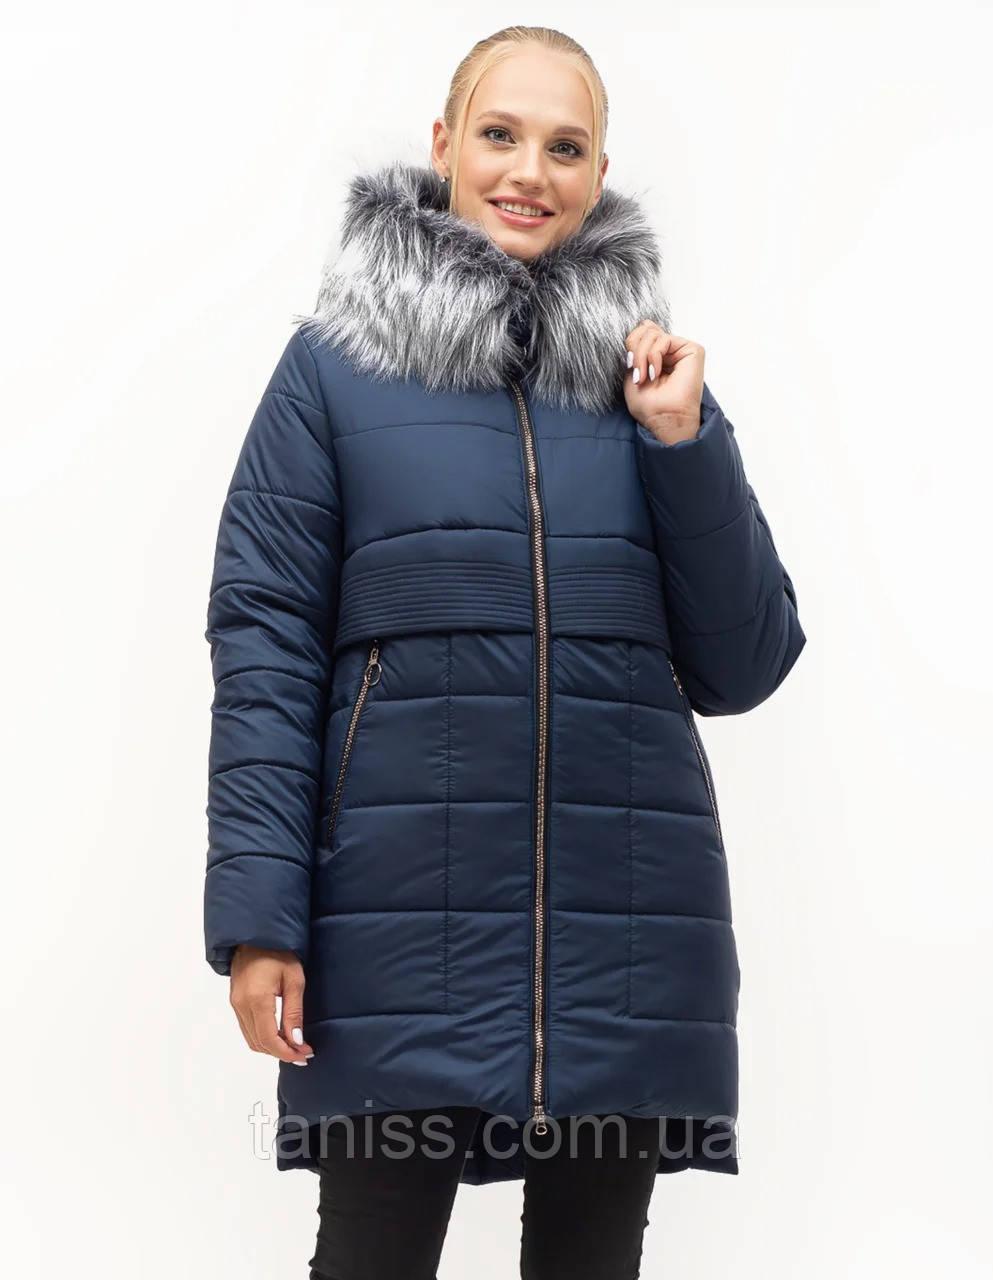 Женский зимний пуховик большого размера, капюшон вшитый, р-ры с 46 по 58, синий мех (152)